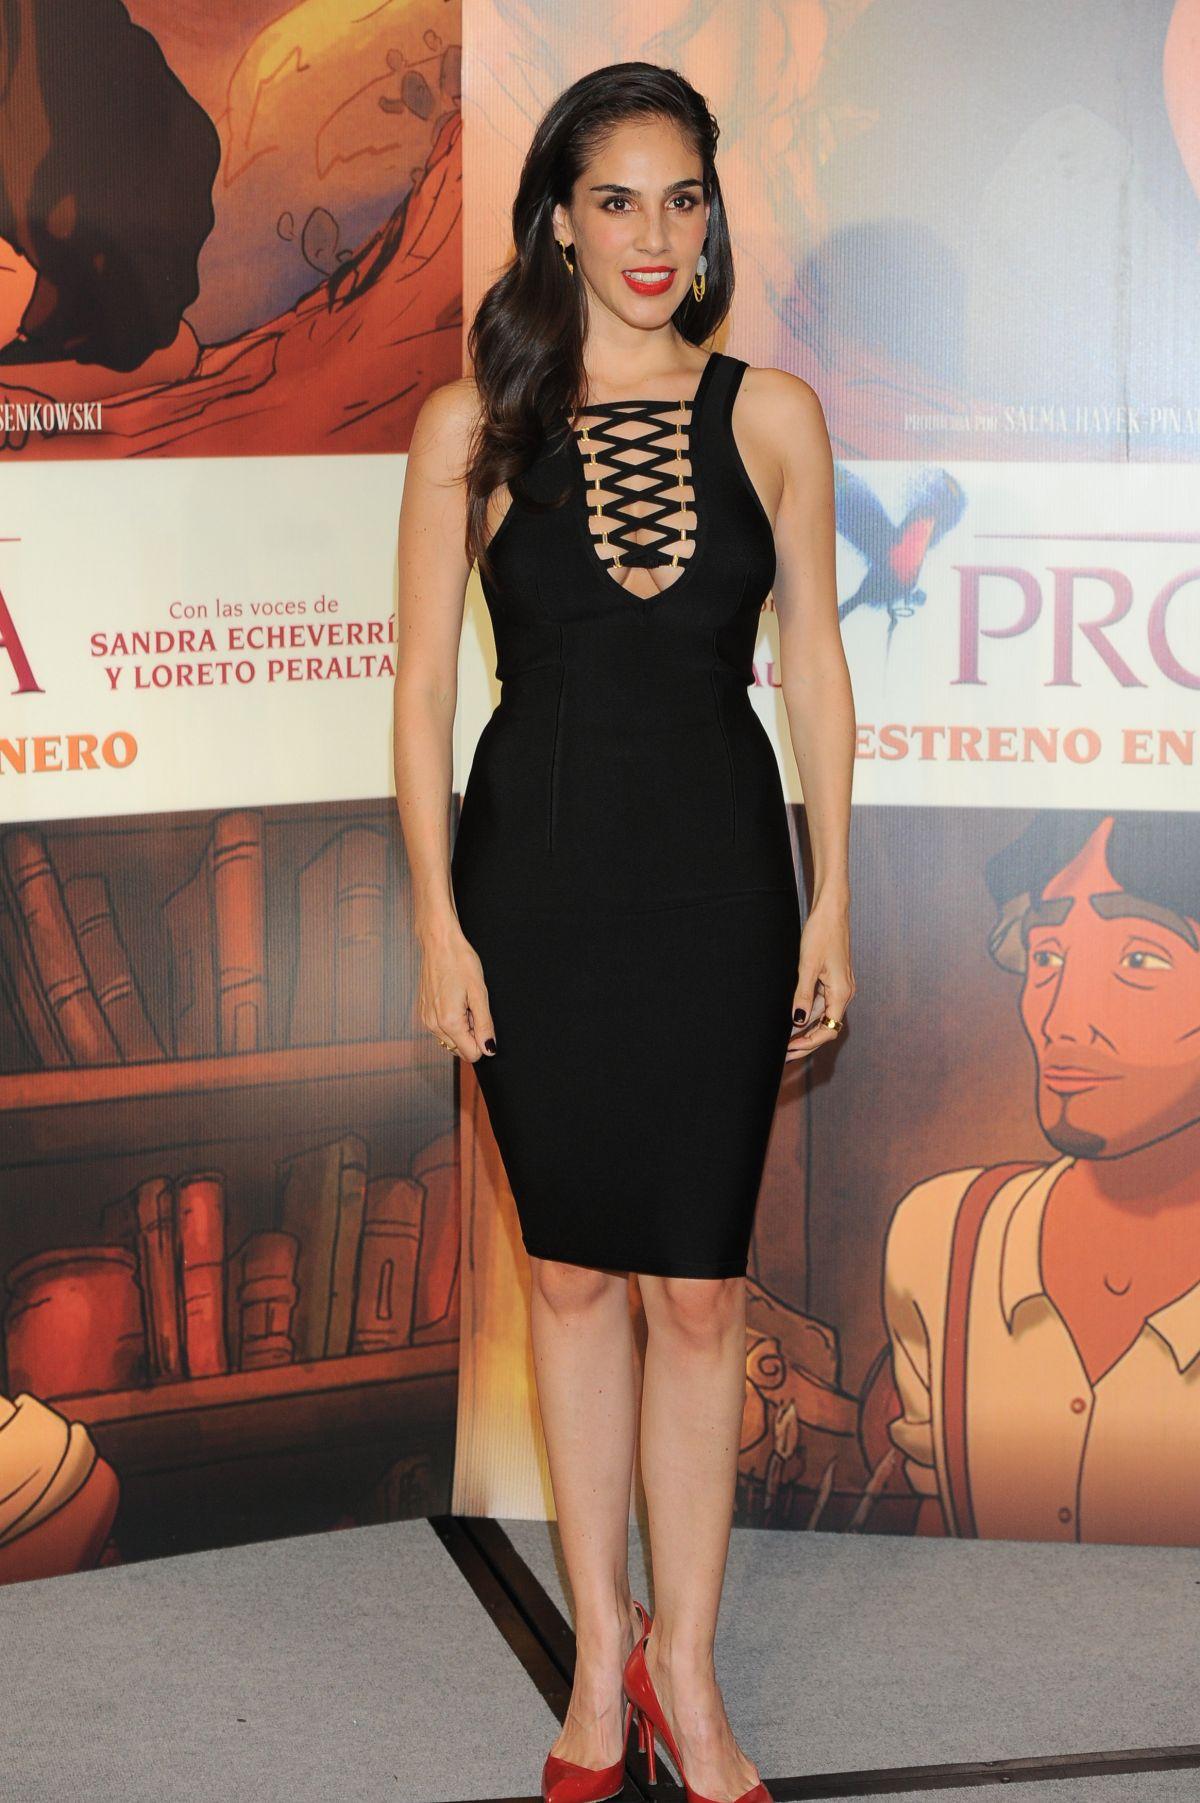 SANDRA ECHEVERRIA at El Profeta Photocall in Mexico City 01/16/2016